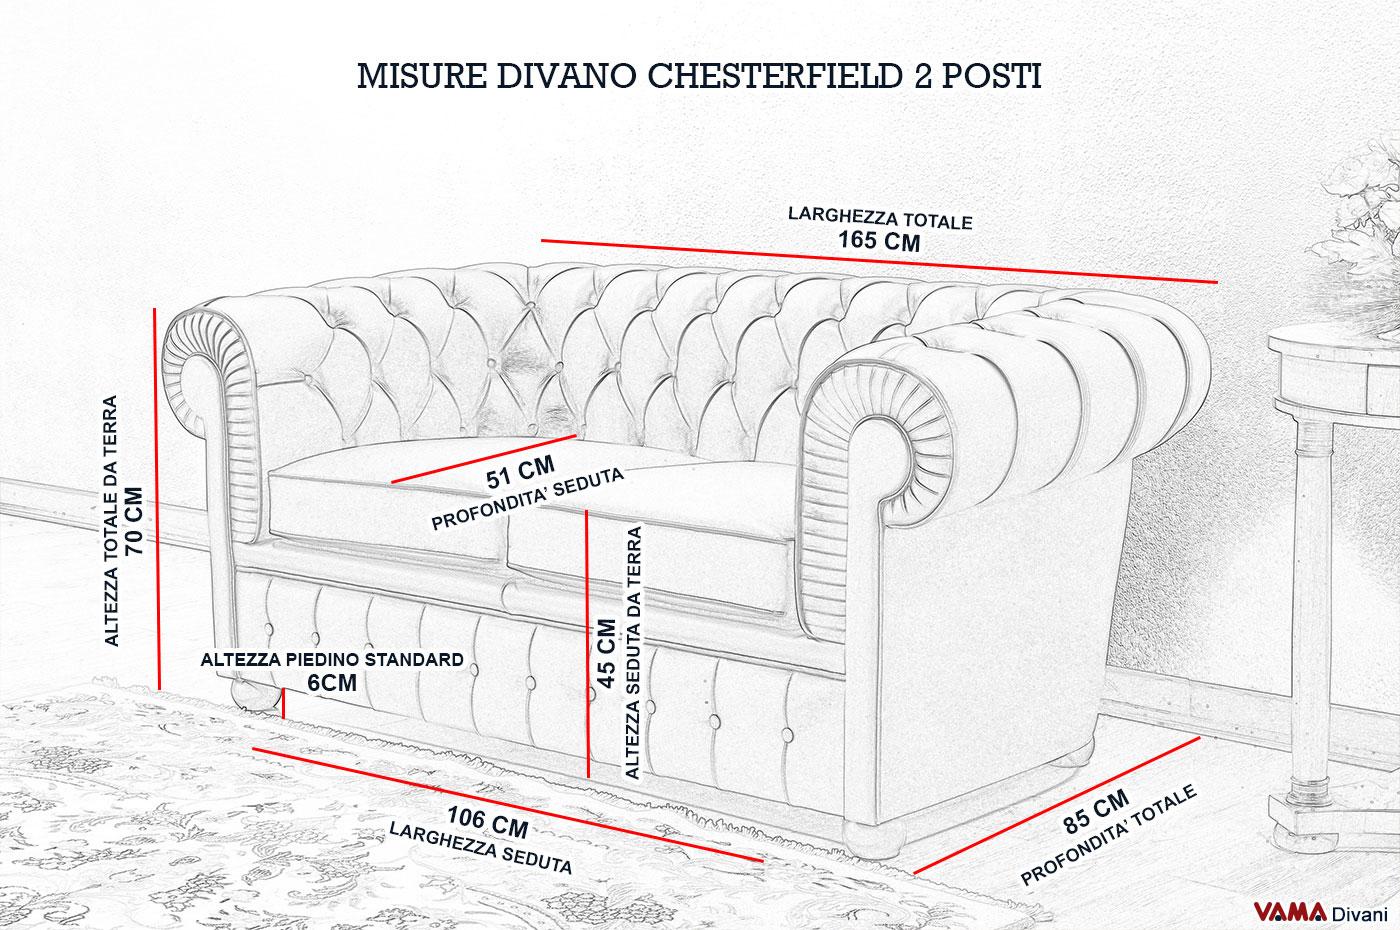 Divano chesterfield 2 posti vama divani - Divano 3 posti misure ...